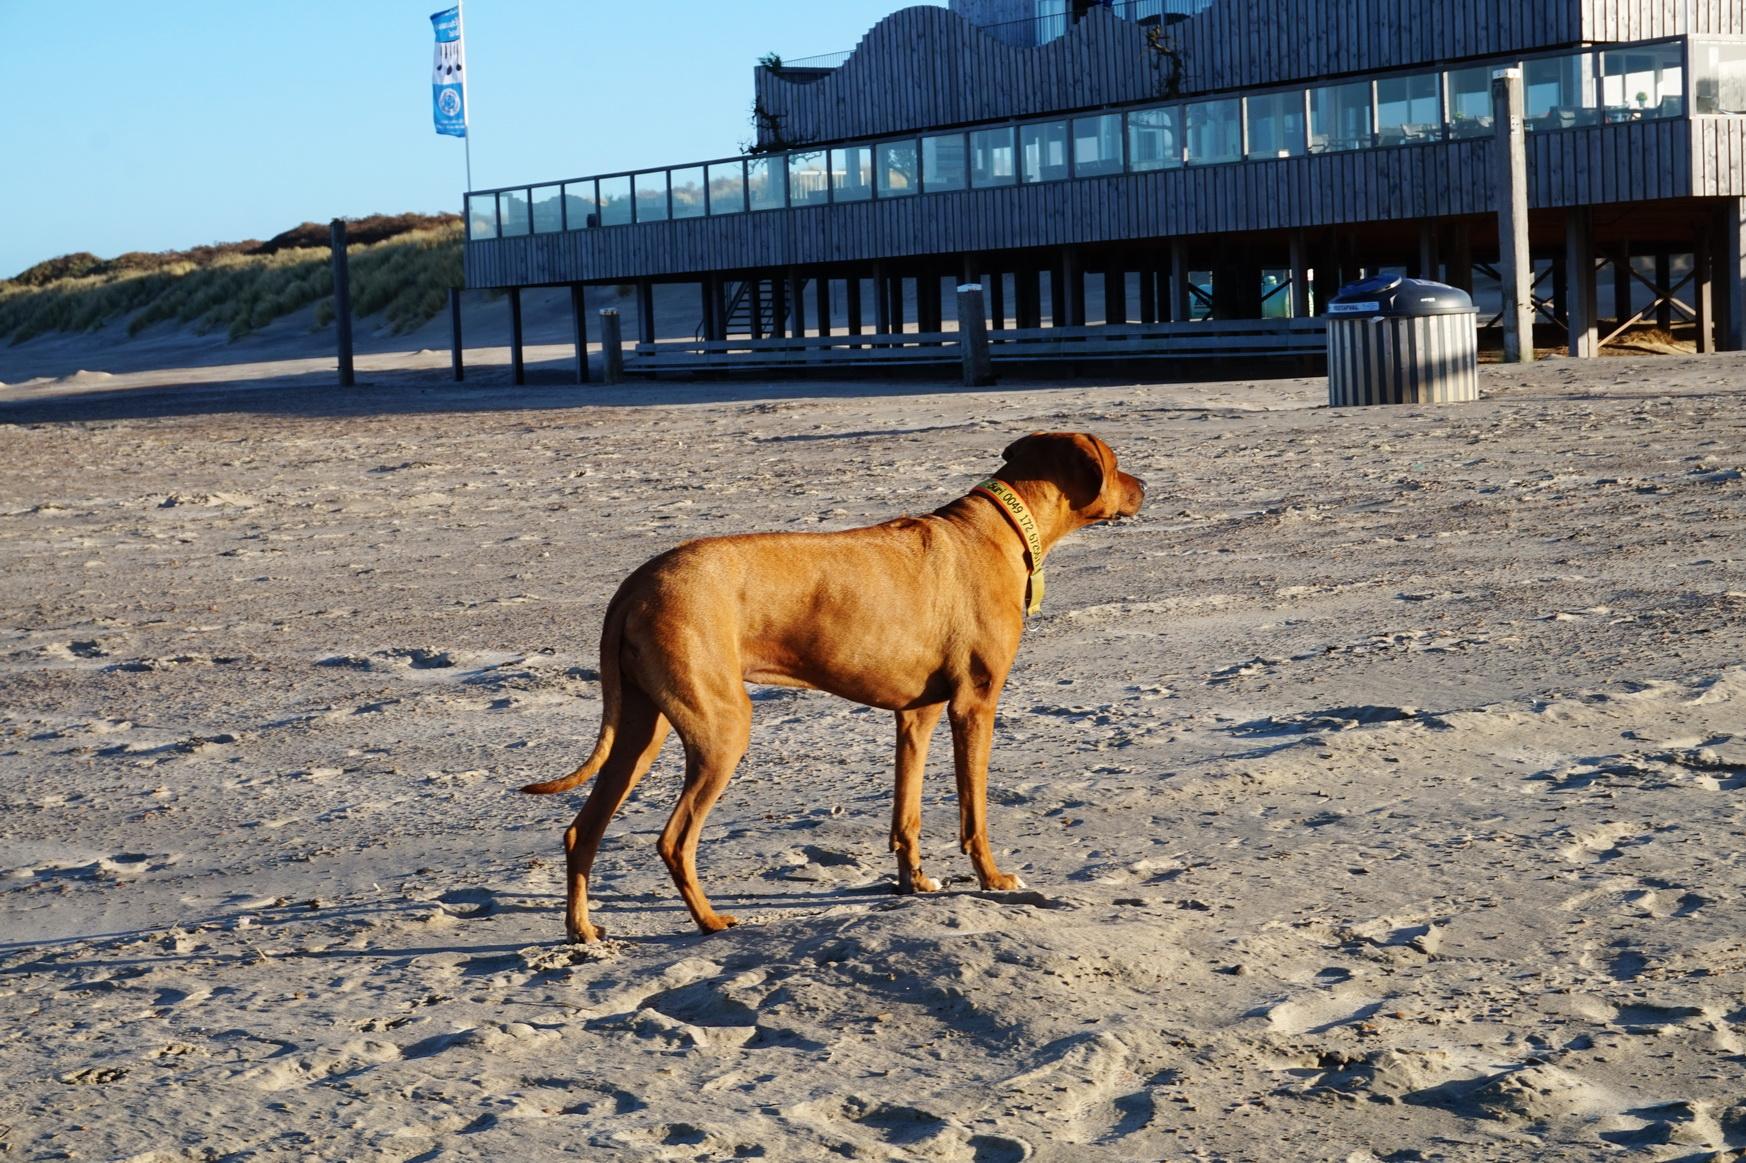 Suri hasst Wasser, aber sie liebt den Sand und die Dünen ...